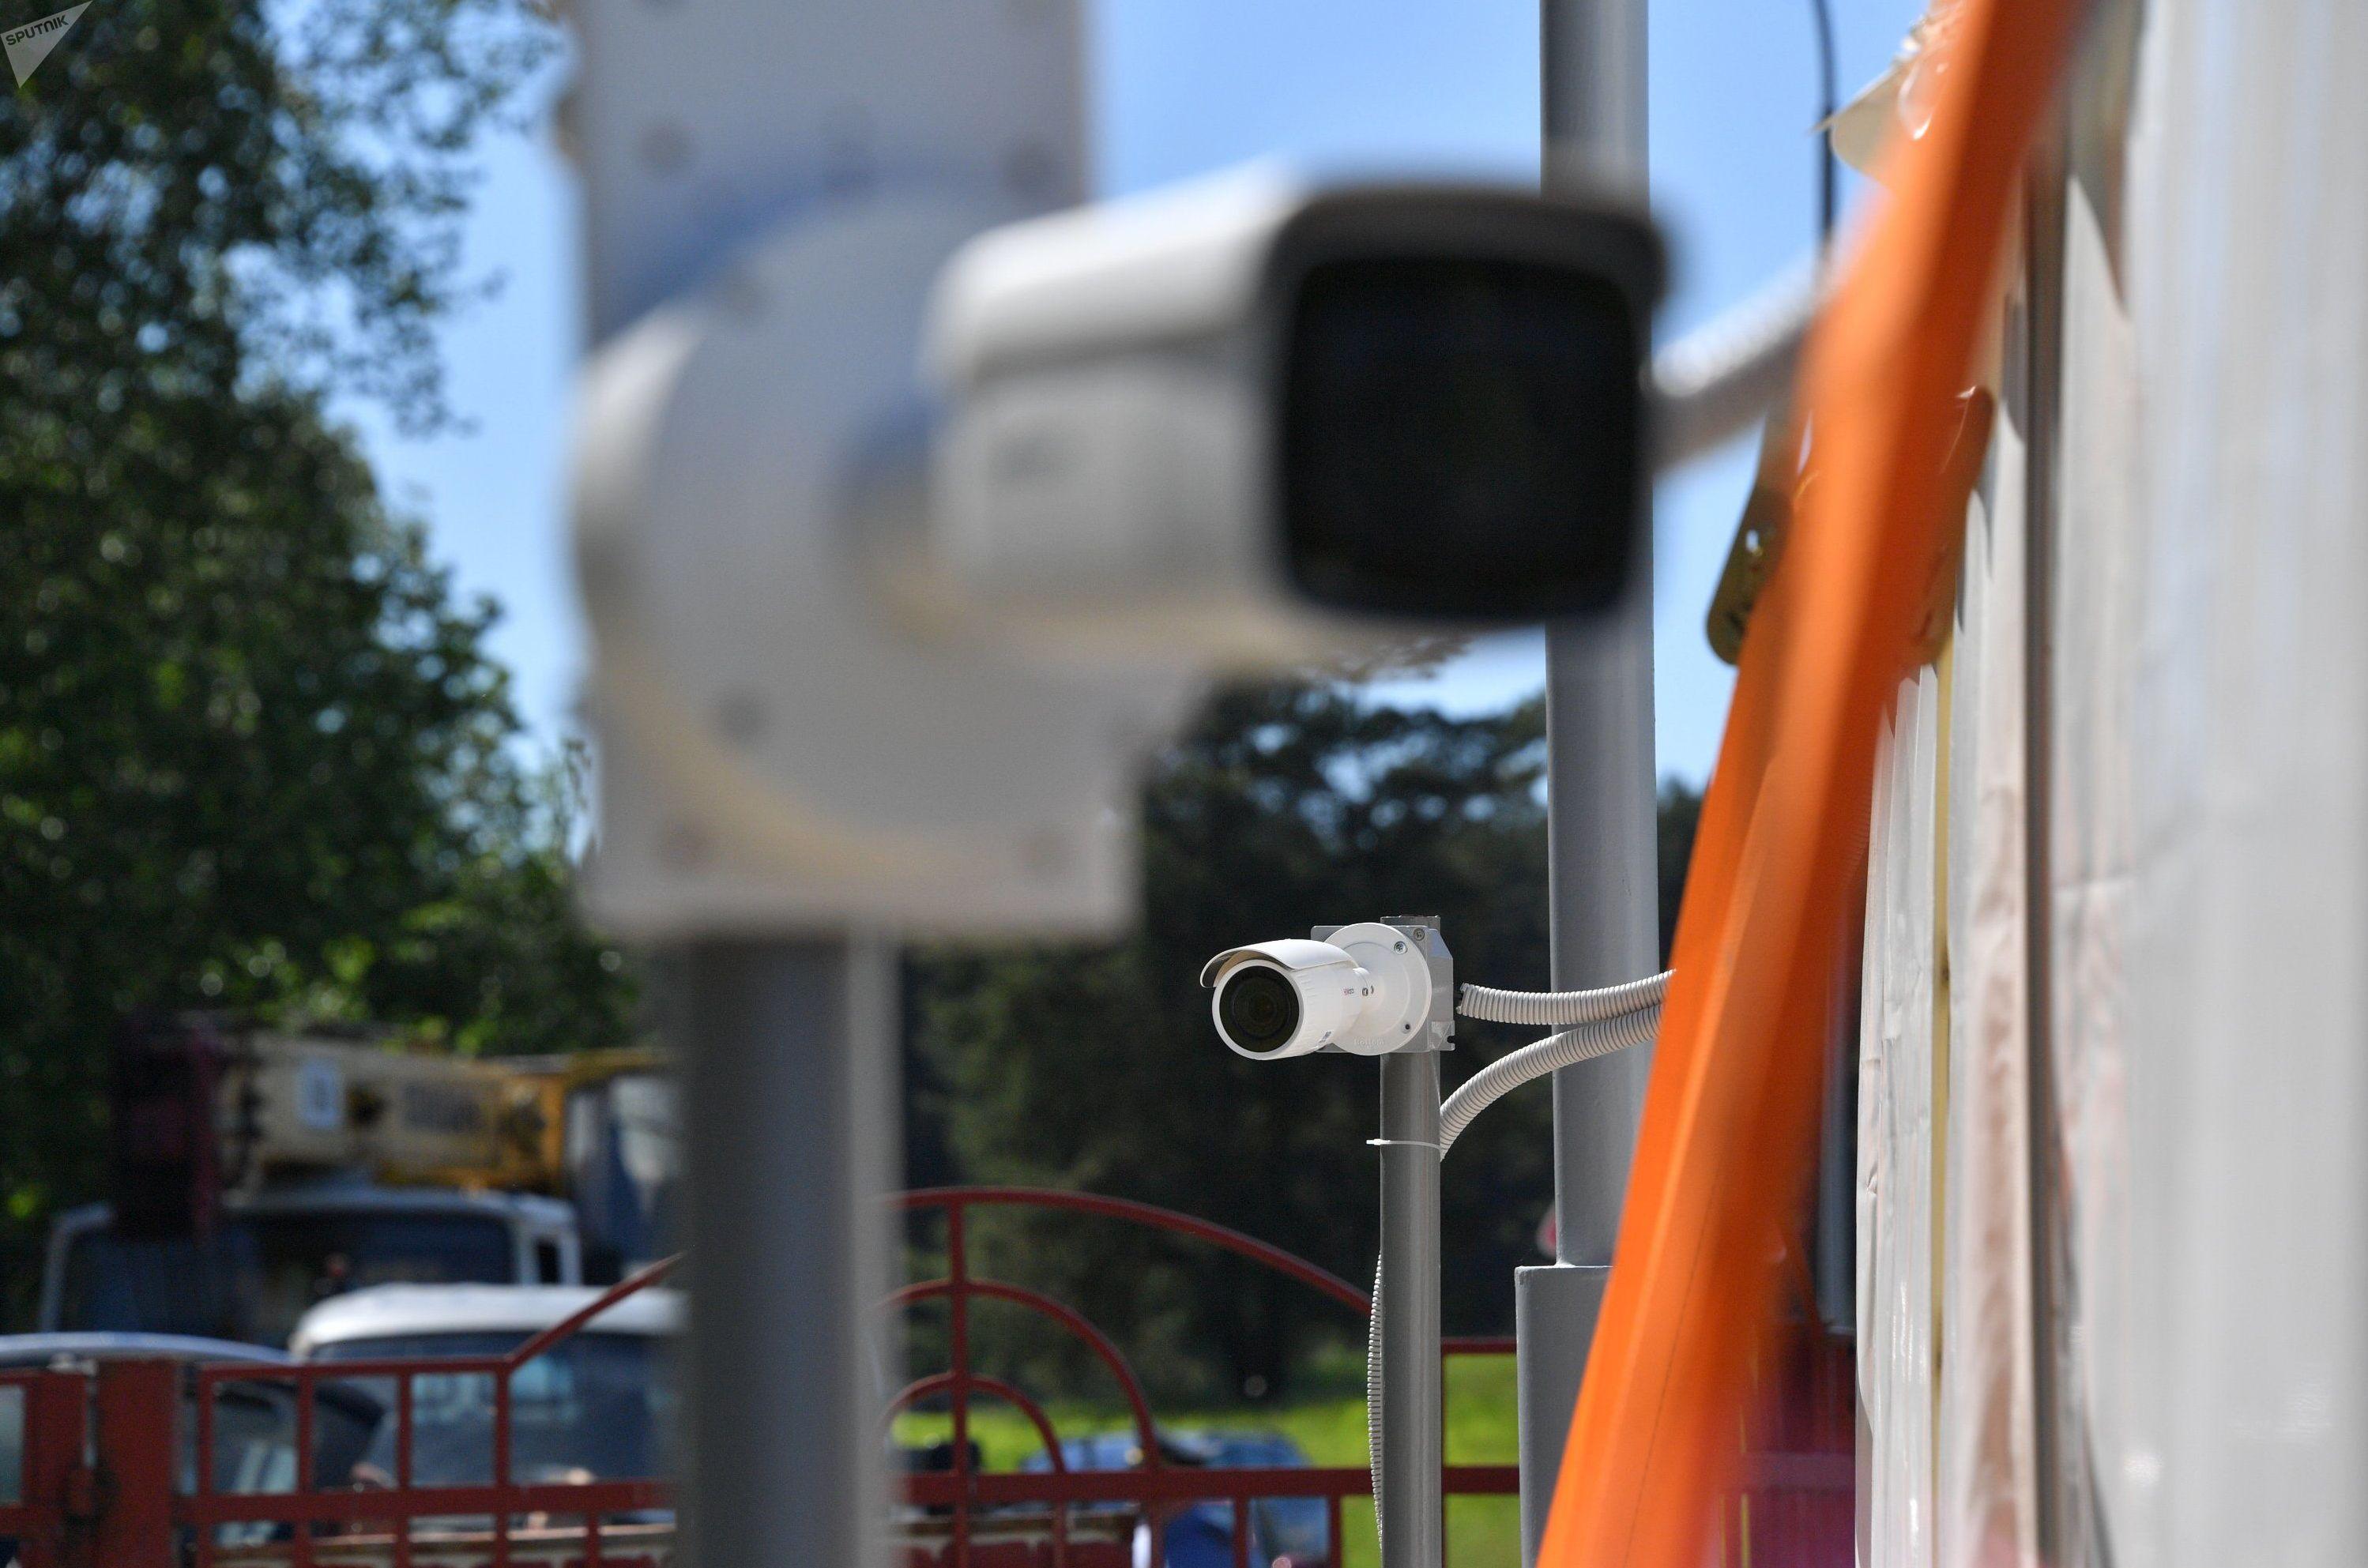 Түркістанда күдік тудырған адамдарды тіркей алатын камералар орнатылды